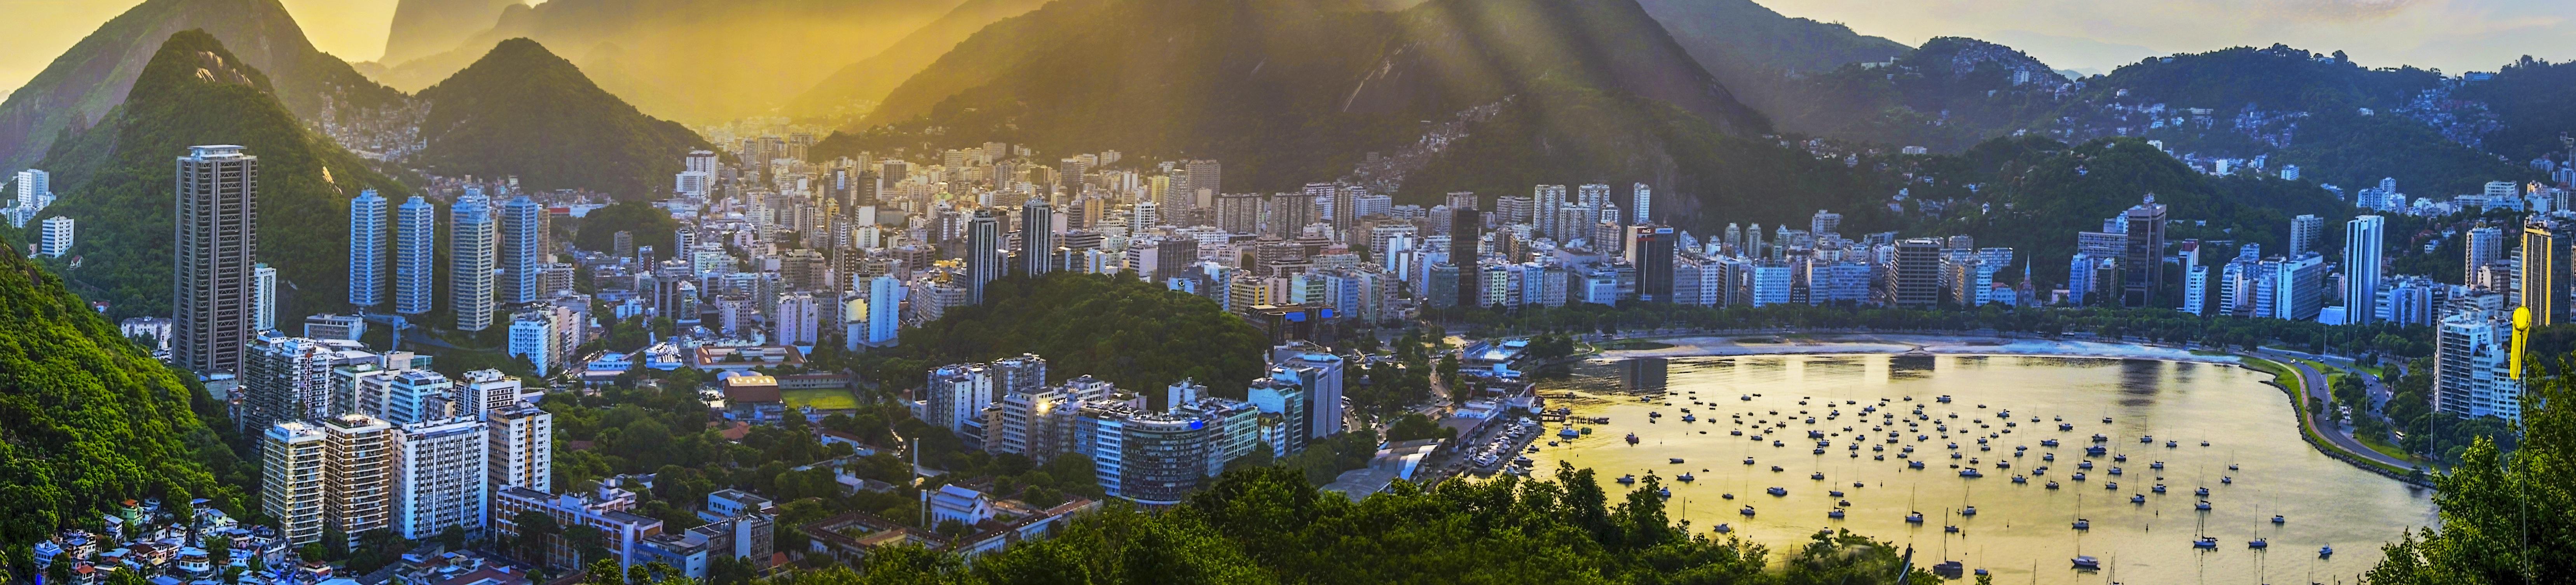 Quels sont les dangers à éviter lors d'un circuit au Brésil ?